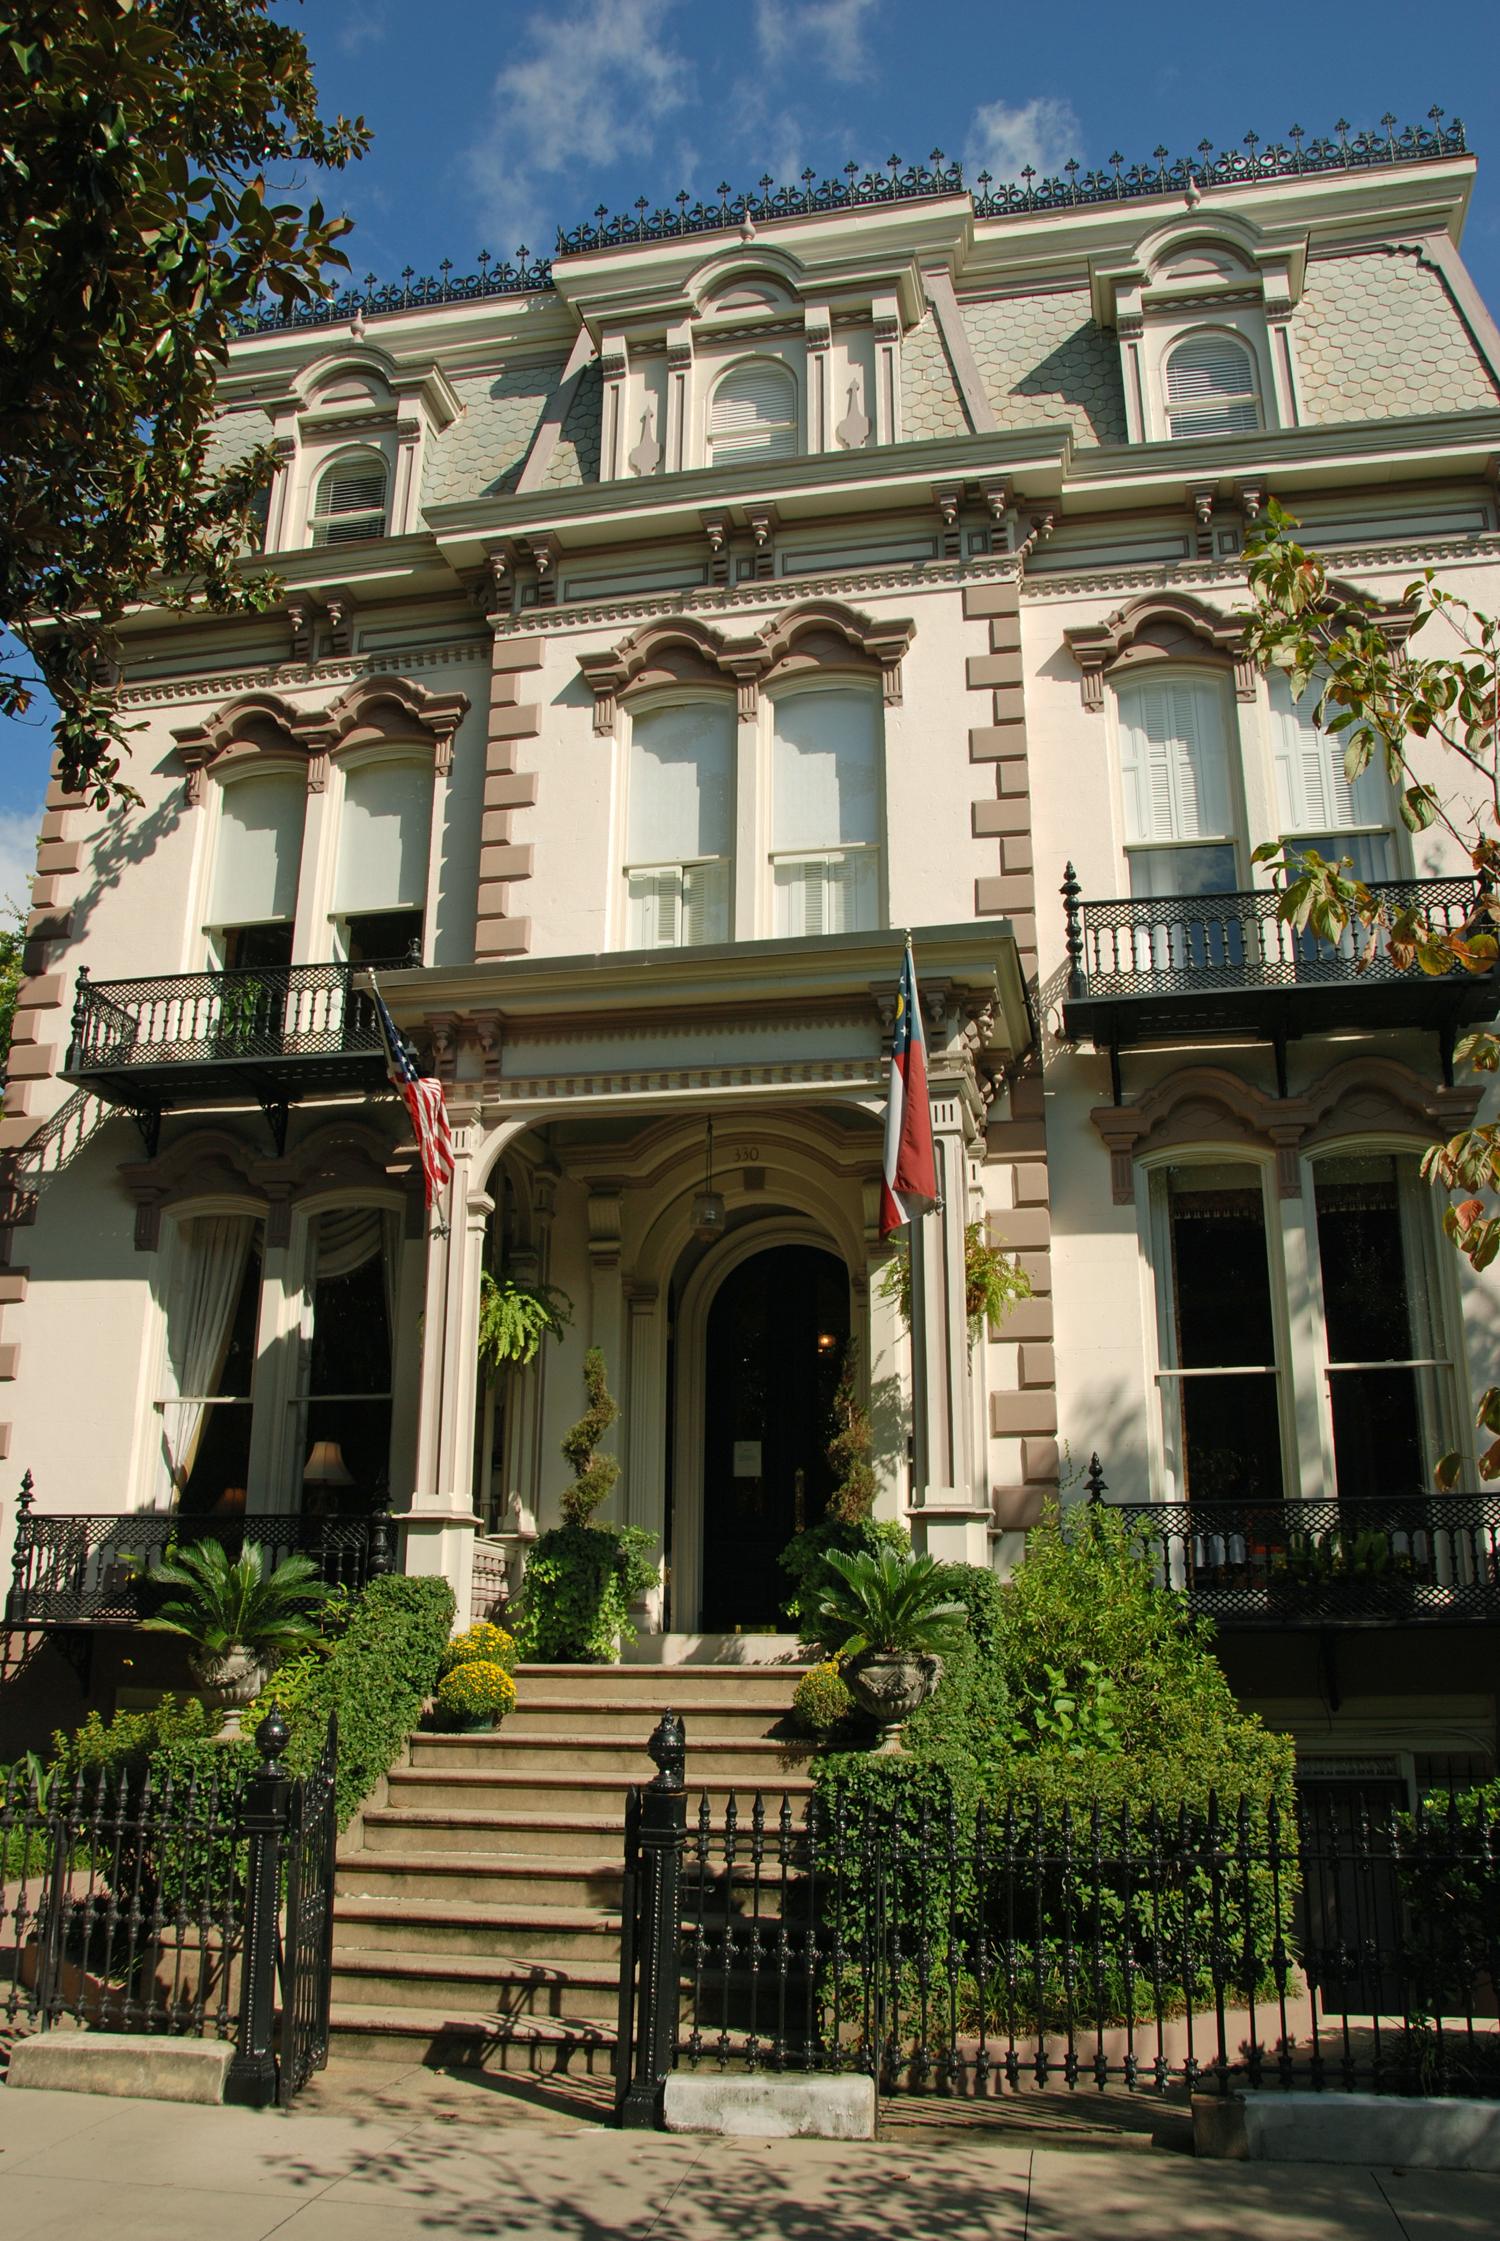 Savannah Hamilton Turner Inn